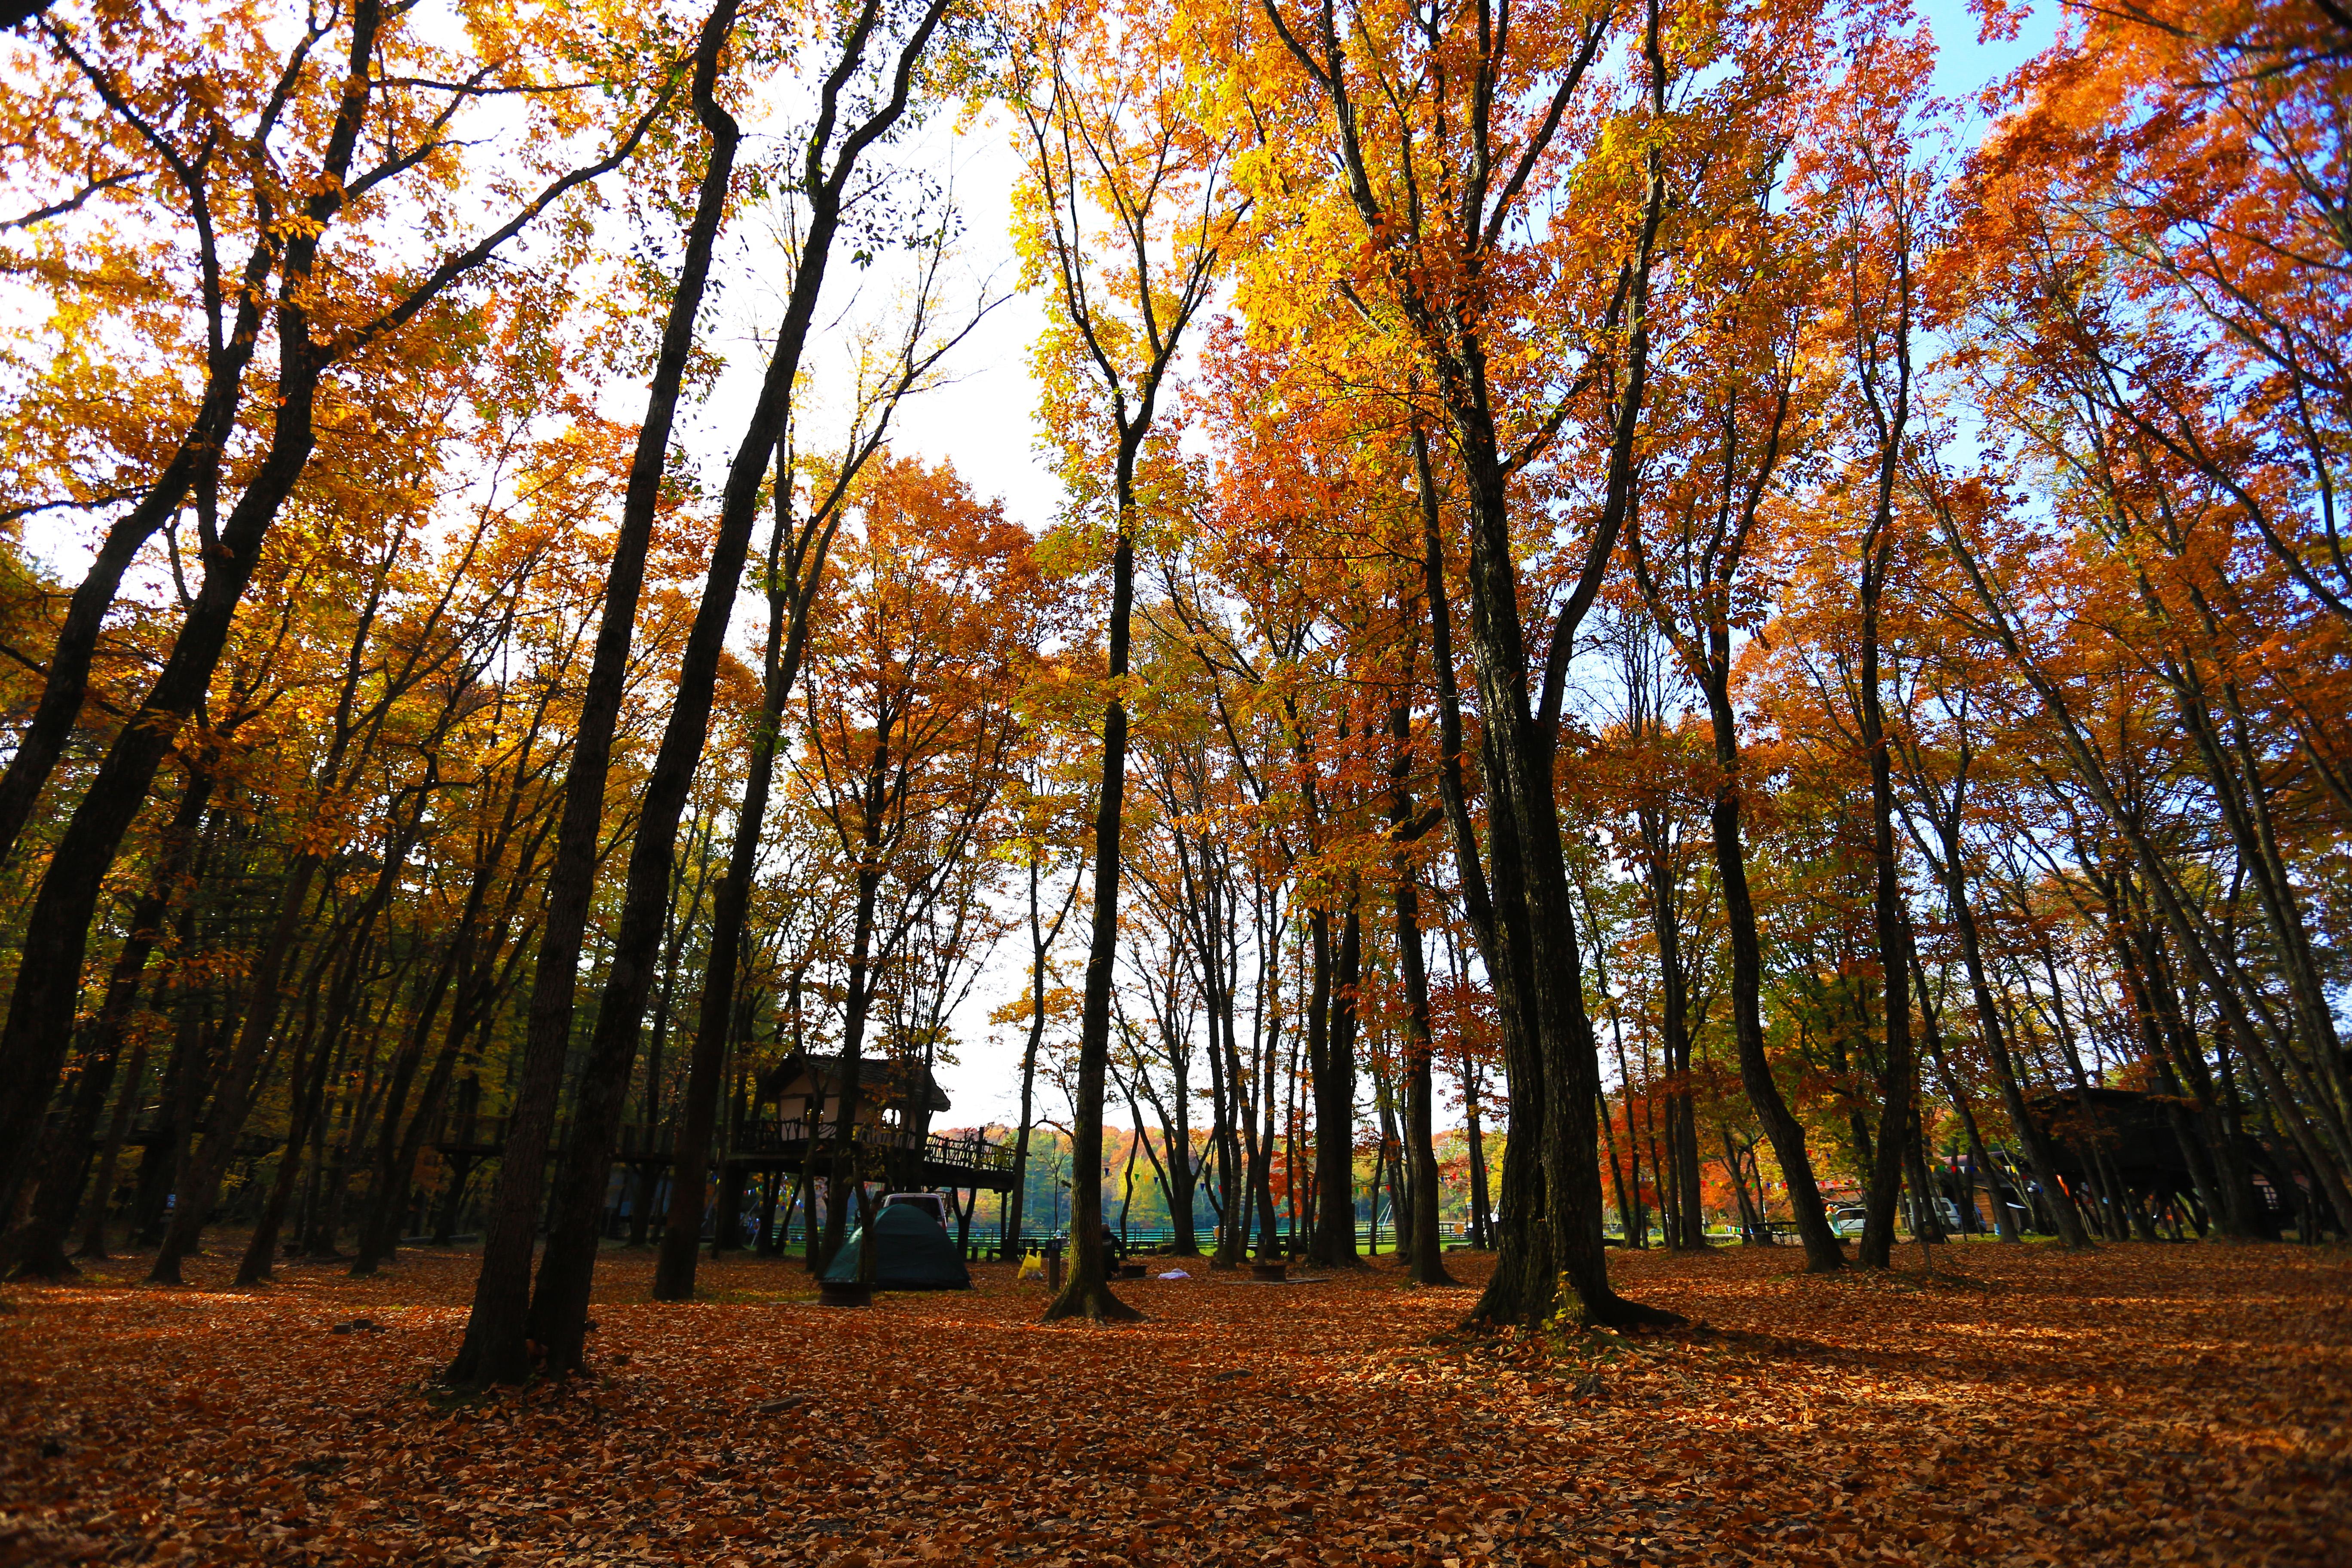 秋は焚き火も楽しいし、紅葉も楽しめて凄くオススメの時期。でも装備をしっかりしないと厳しいです。